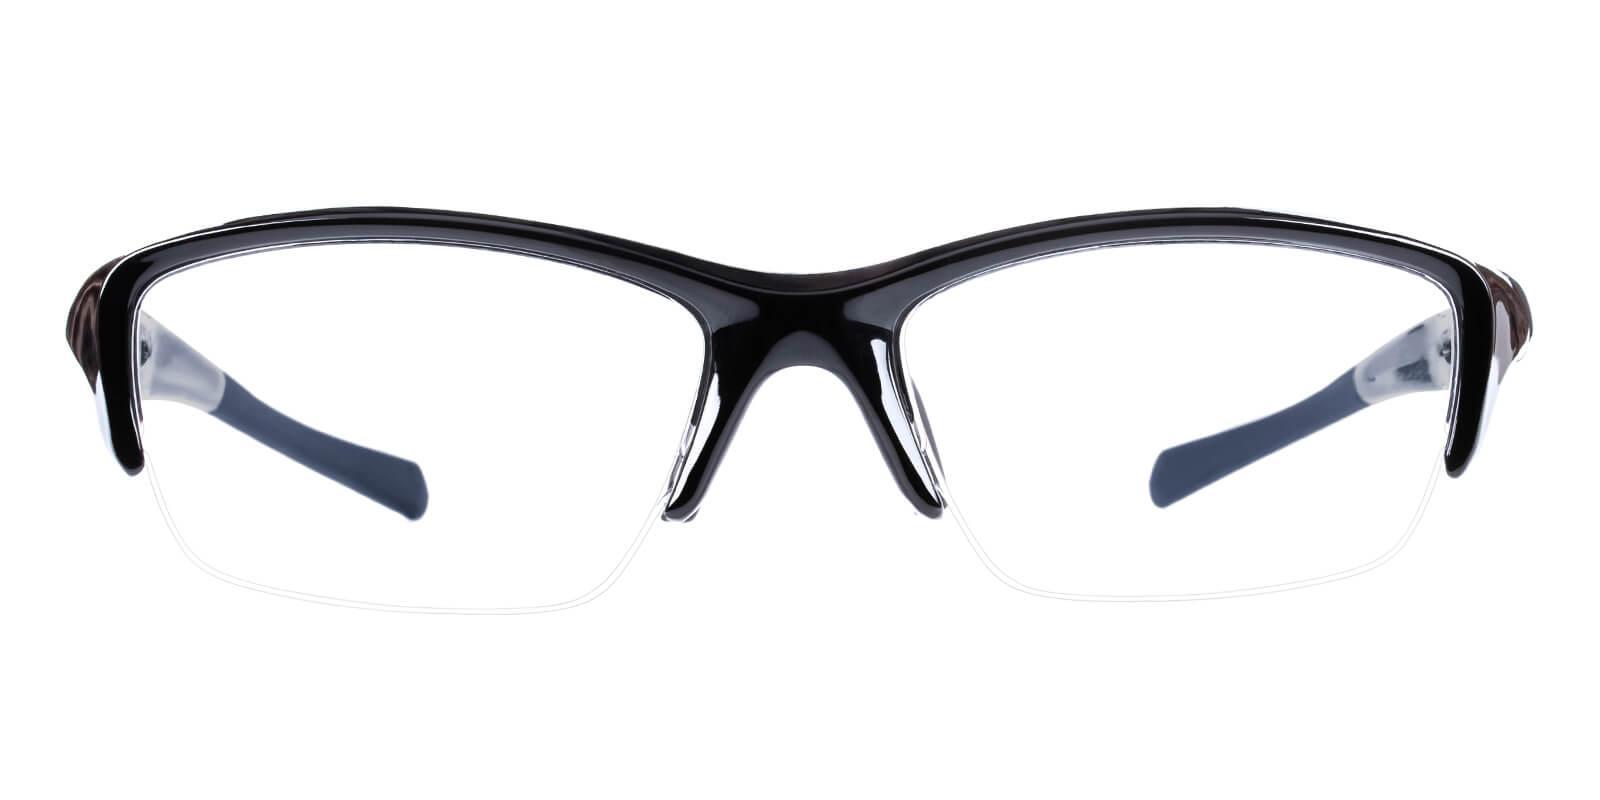 Philips-White-Rectangle-TR-SportsGlasses-detail